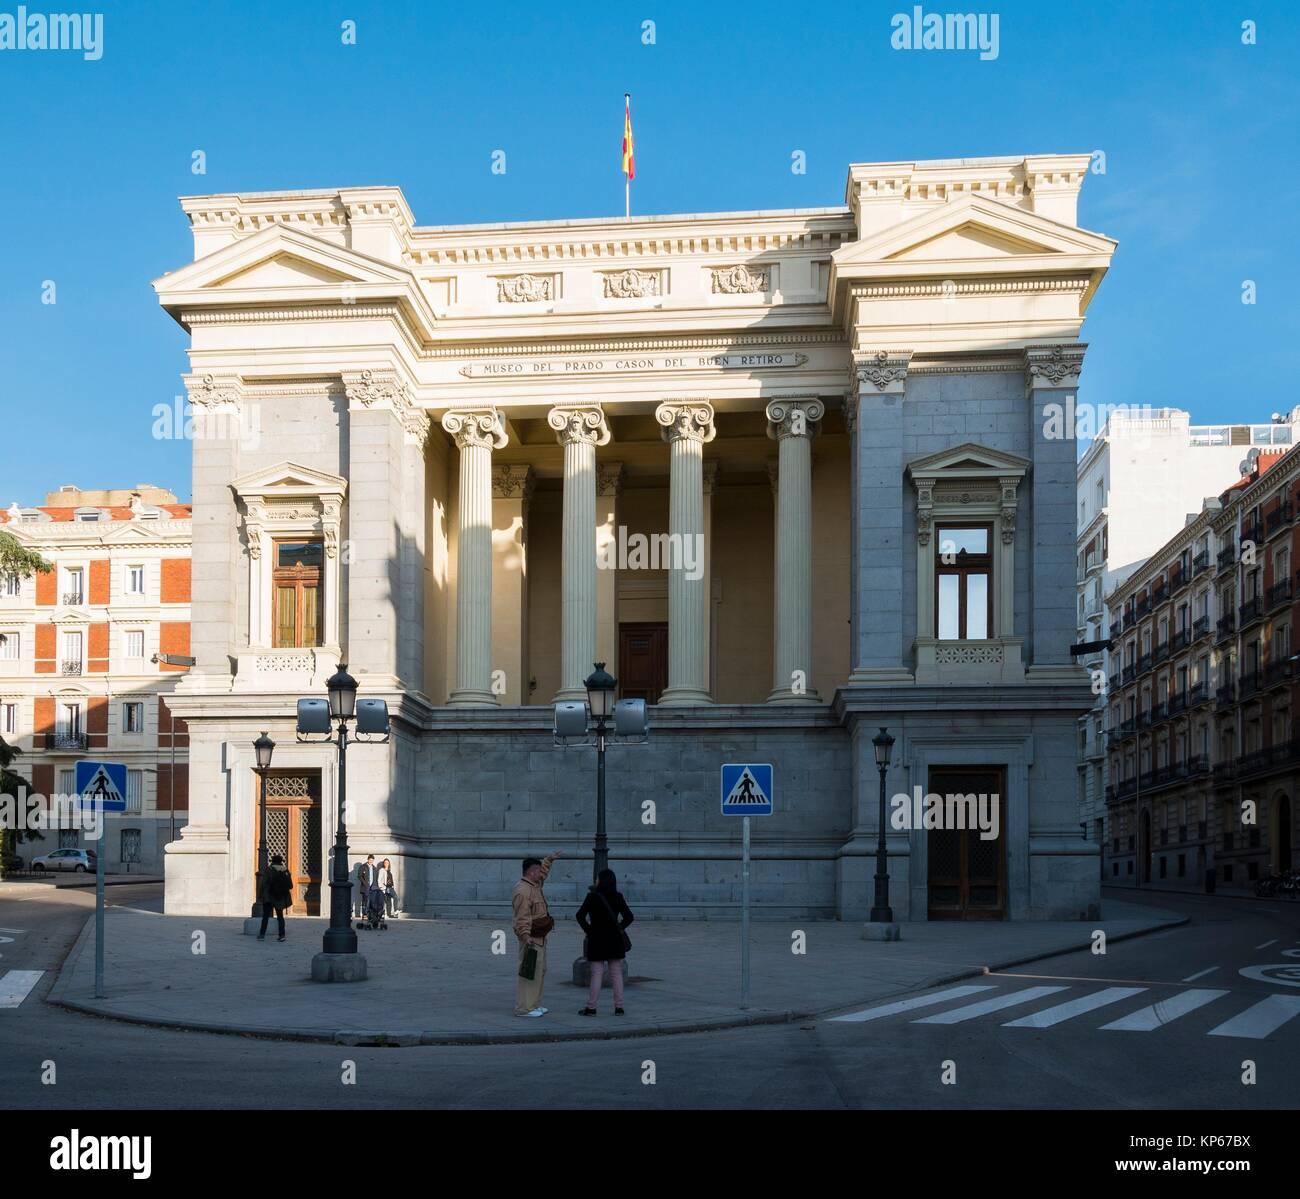 Prado Museum In Madrid Spain Stock Photos Prado Museum